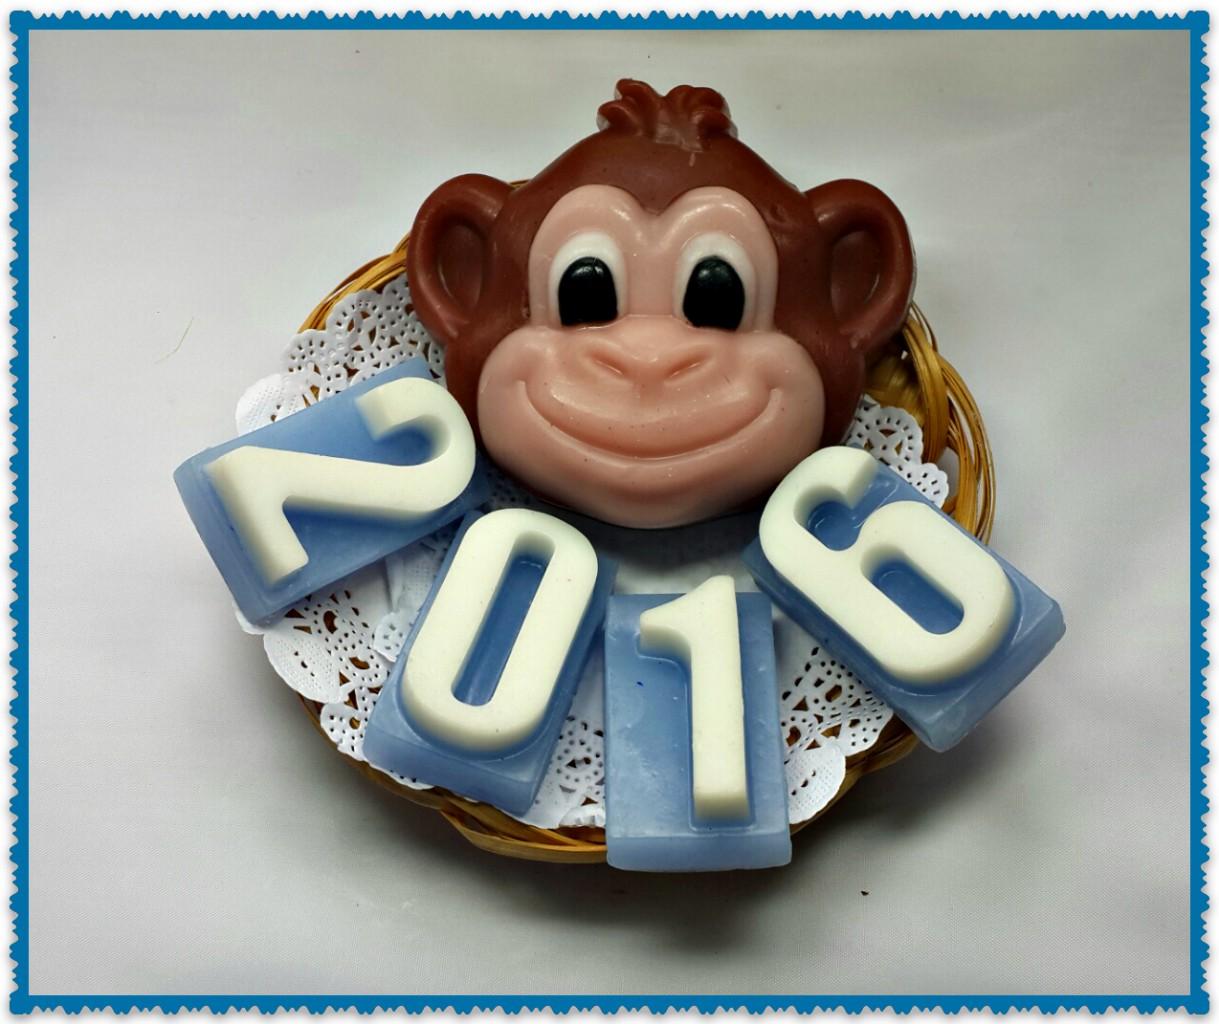 Оригинальные подарки ручной работы !Ваши близкие будут довольны!И вновь новинки-милые обезьянки символ следующего года!Очень красиво,зайдите и убедитесь :)теперь мы дарим подарки!Новинка!букеты из конфет,гел.свечи!